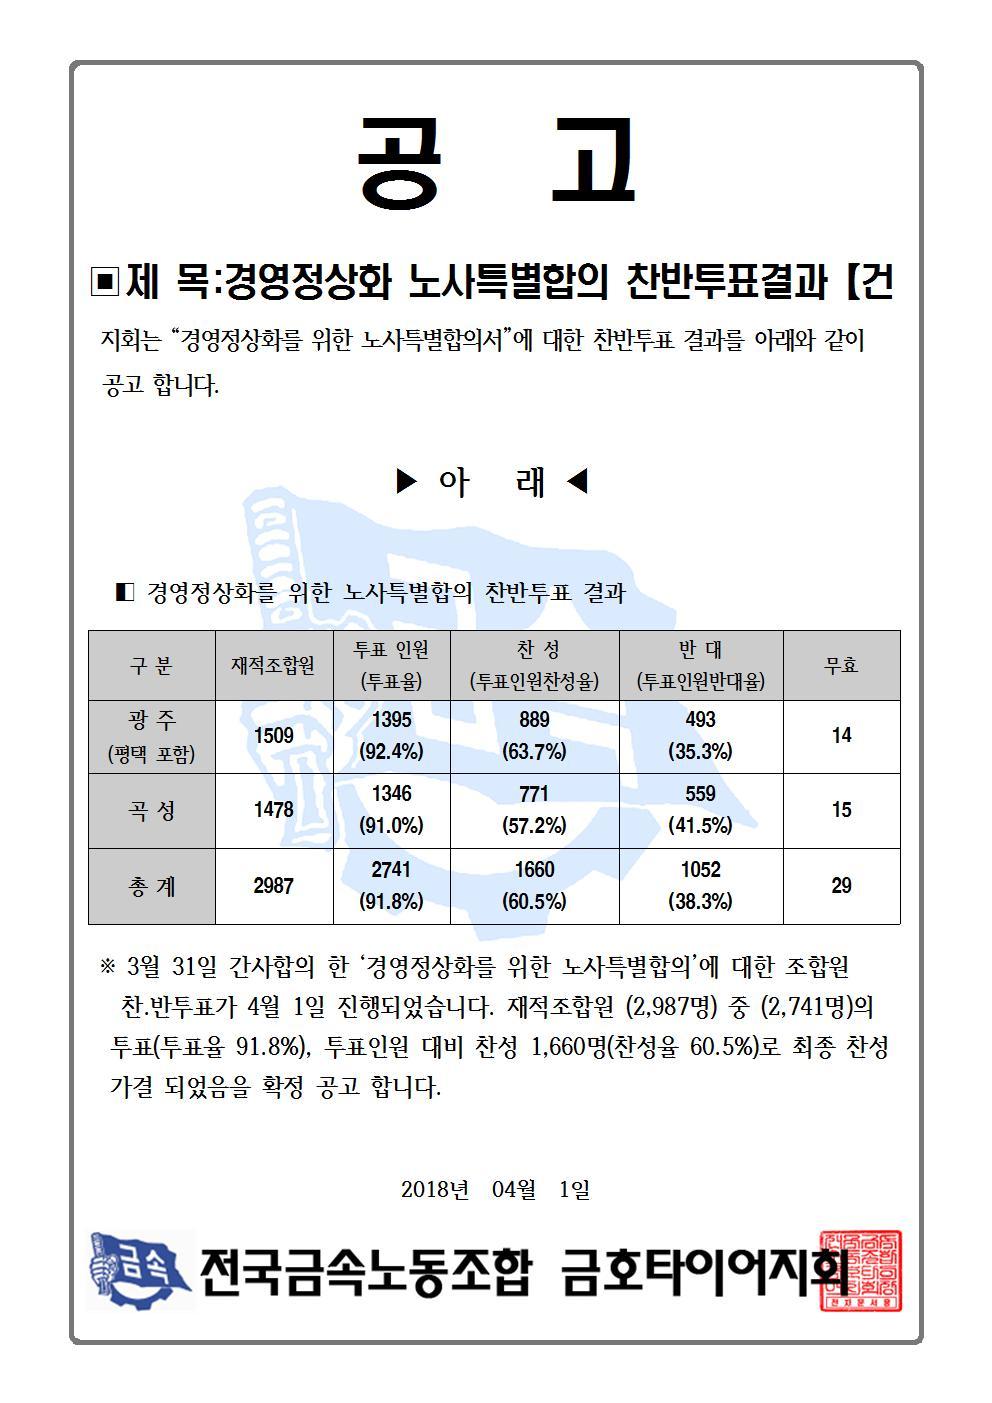 노사특별합의 찬반투표 결과001.jpg